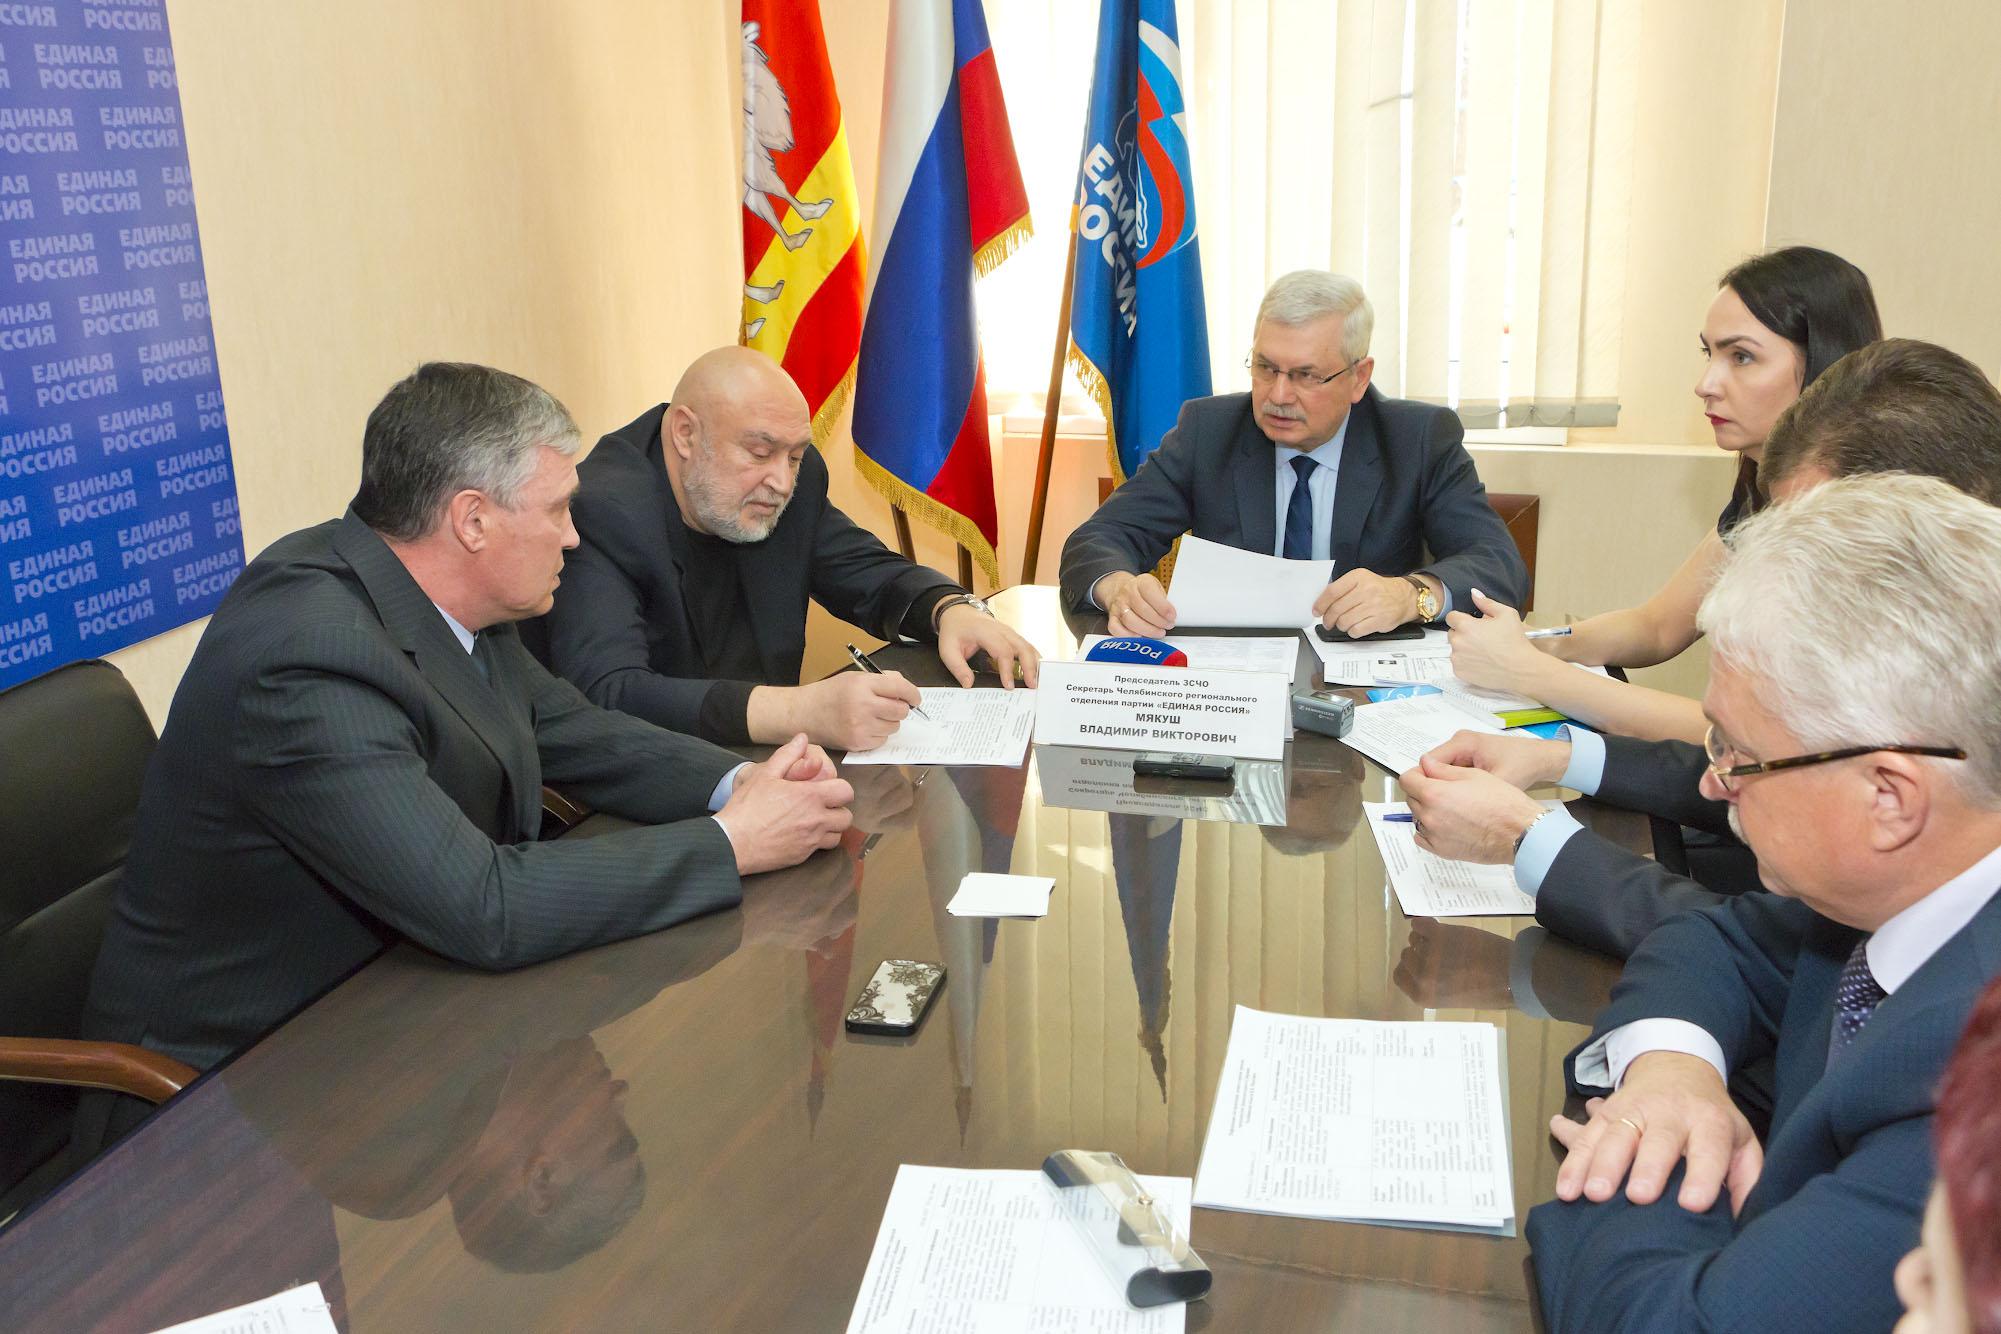 Председатель Законодательного Собрания Владимир Мякуш провел личный прием граждан в общественной